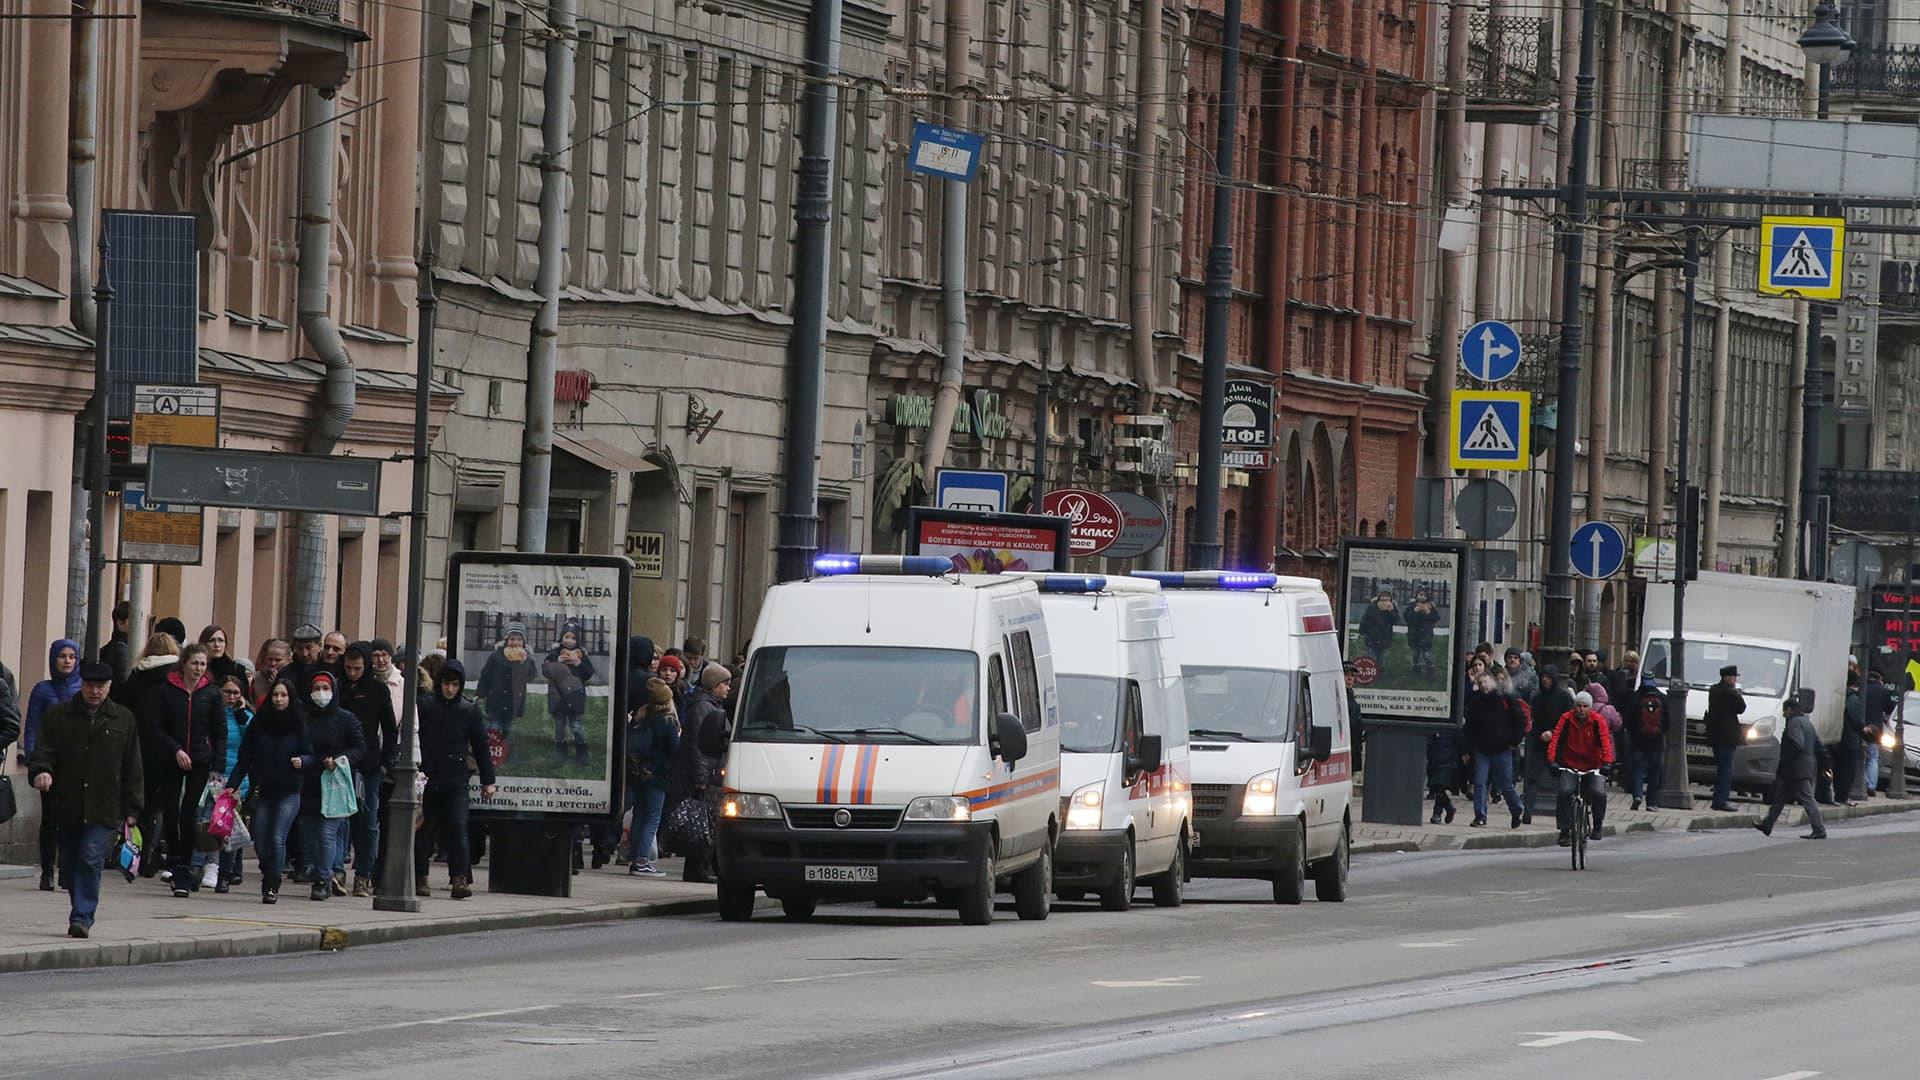 Hälytysajoneuvoja Tekhnologichesky Institute -metroaseman edustalla Pietarissa 3. huhtikuuta.